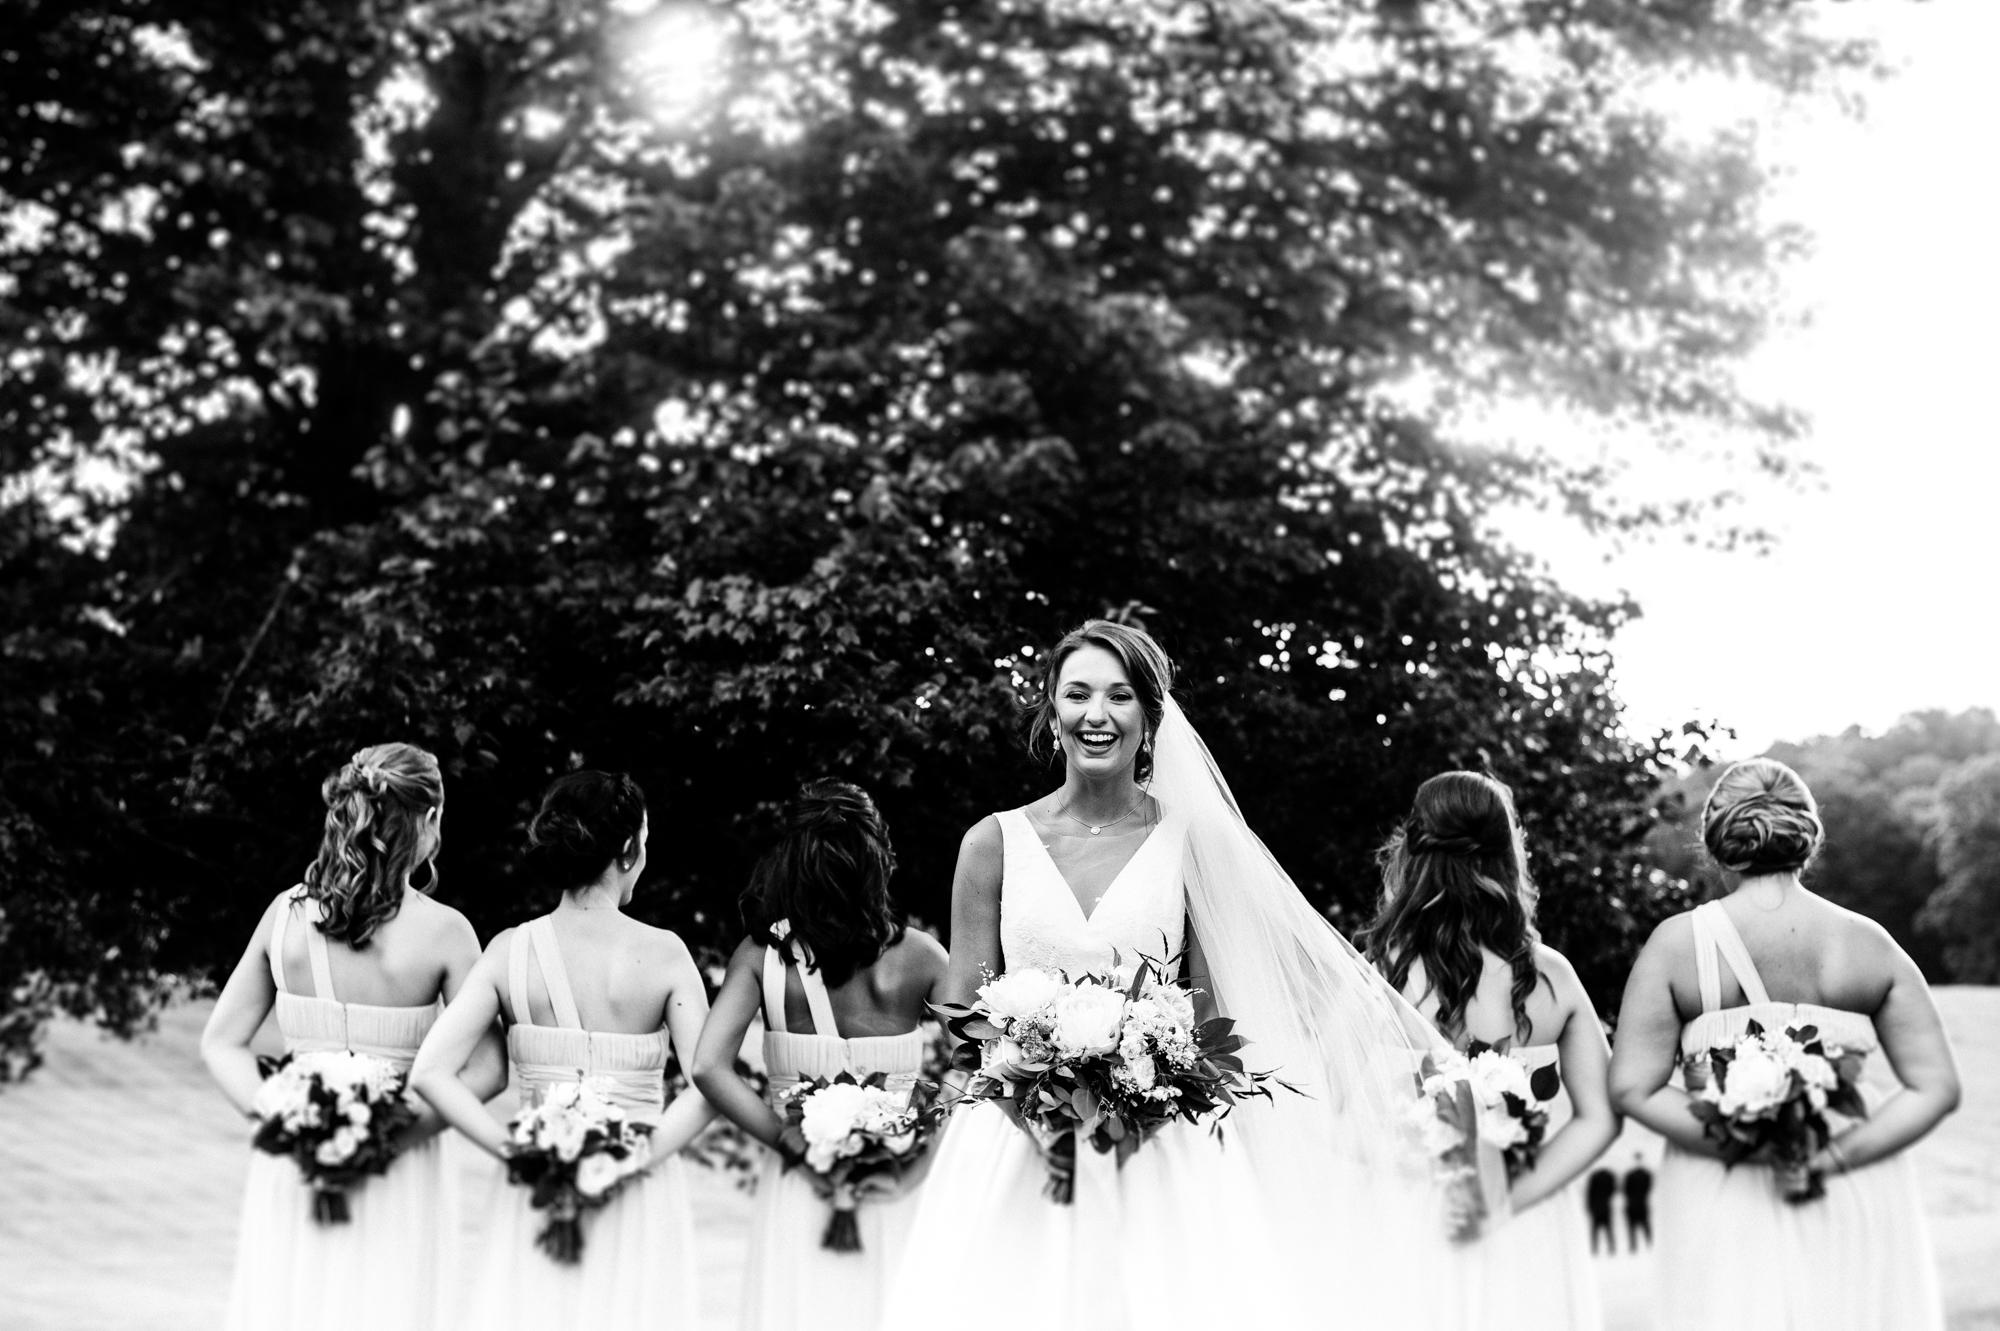 biltmore estate bridal party portrait